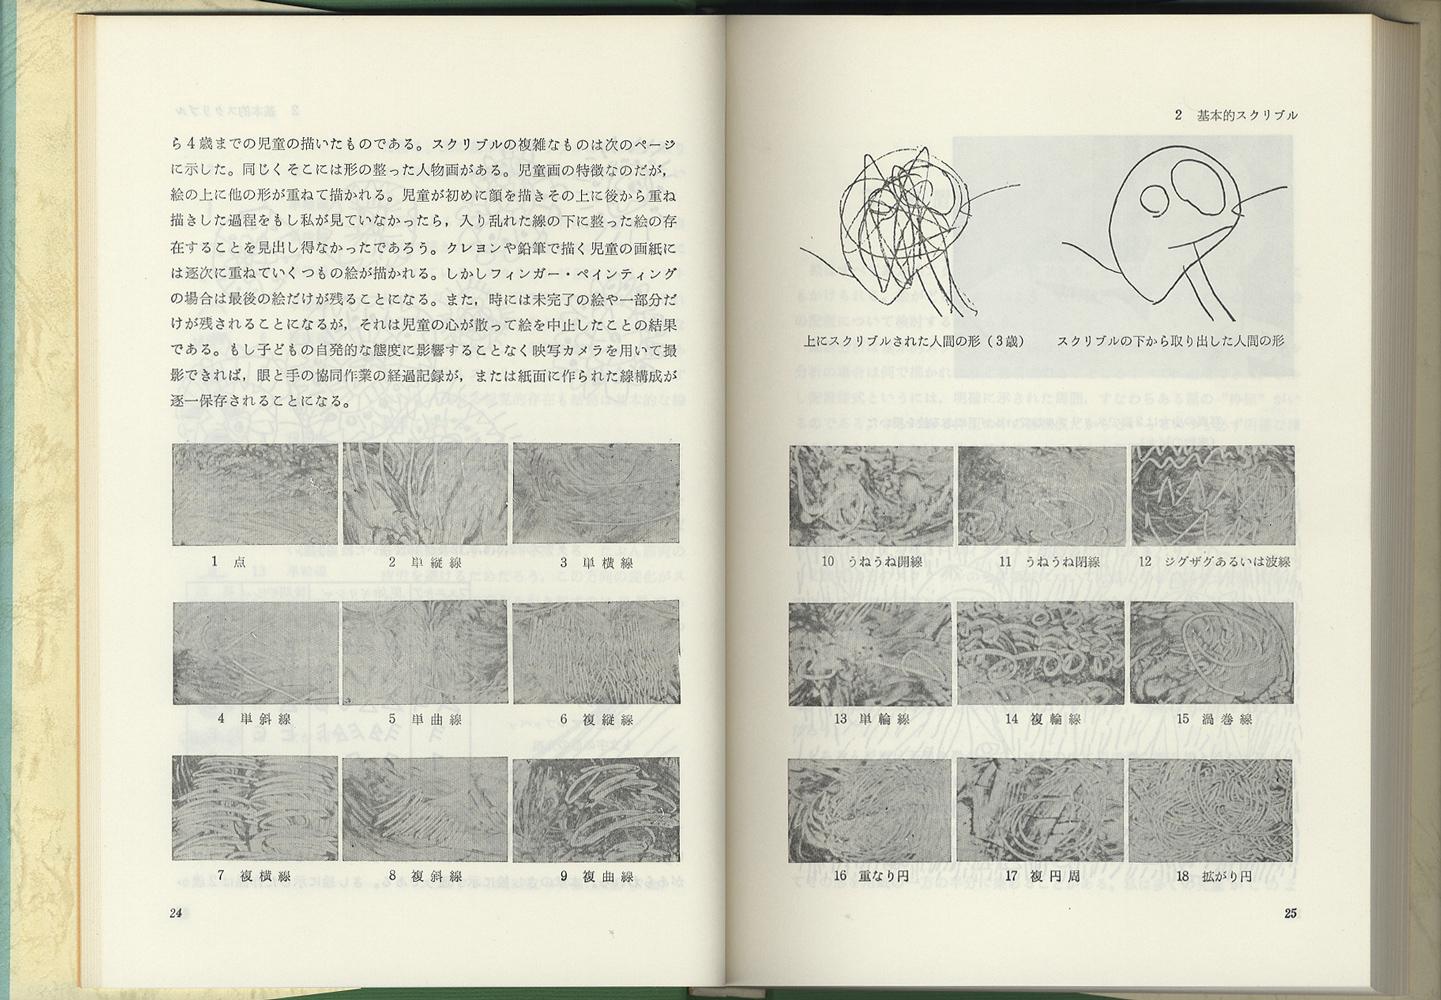 児童画の発達過程 なぐり書きからピクチュアへ[image2]